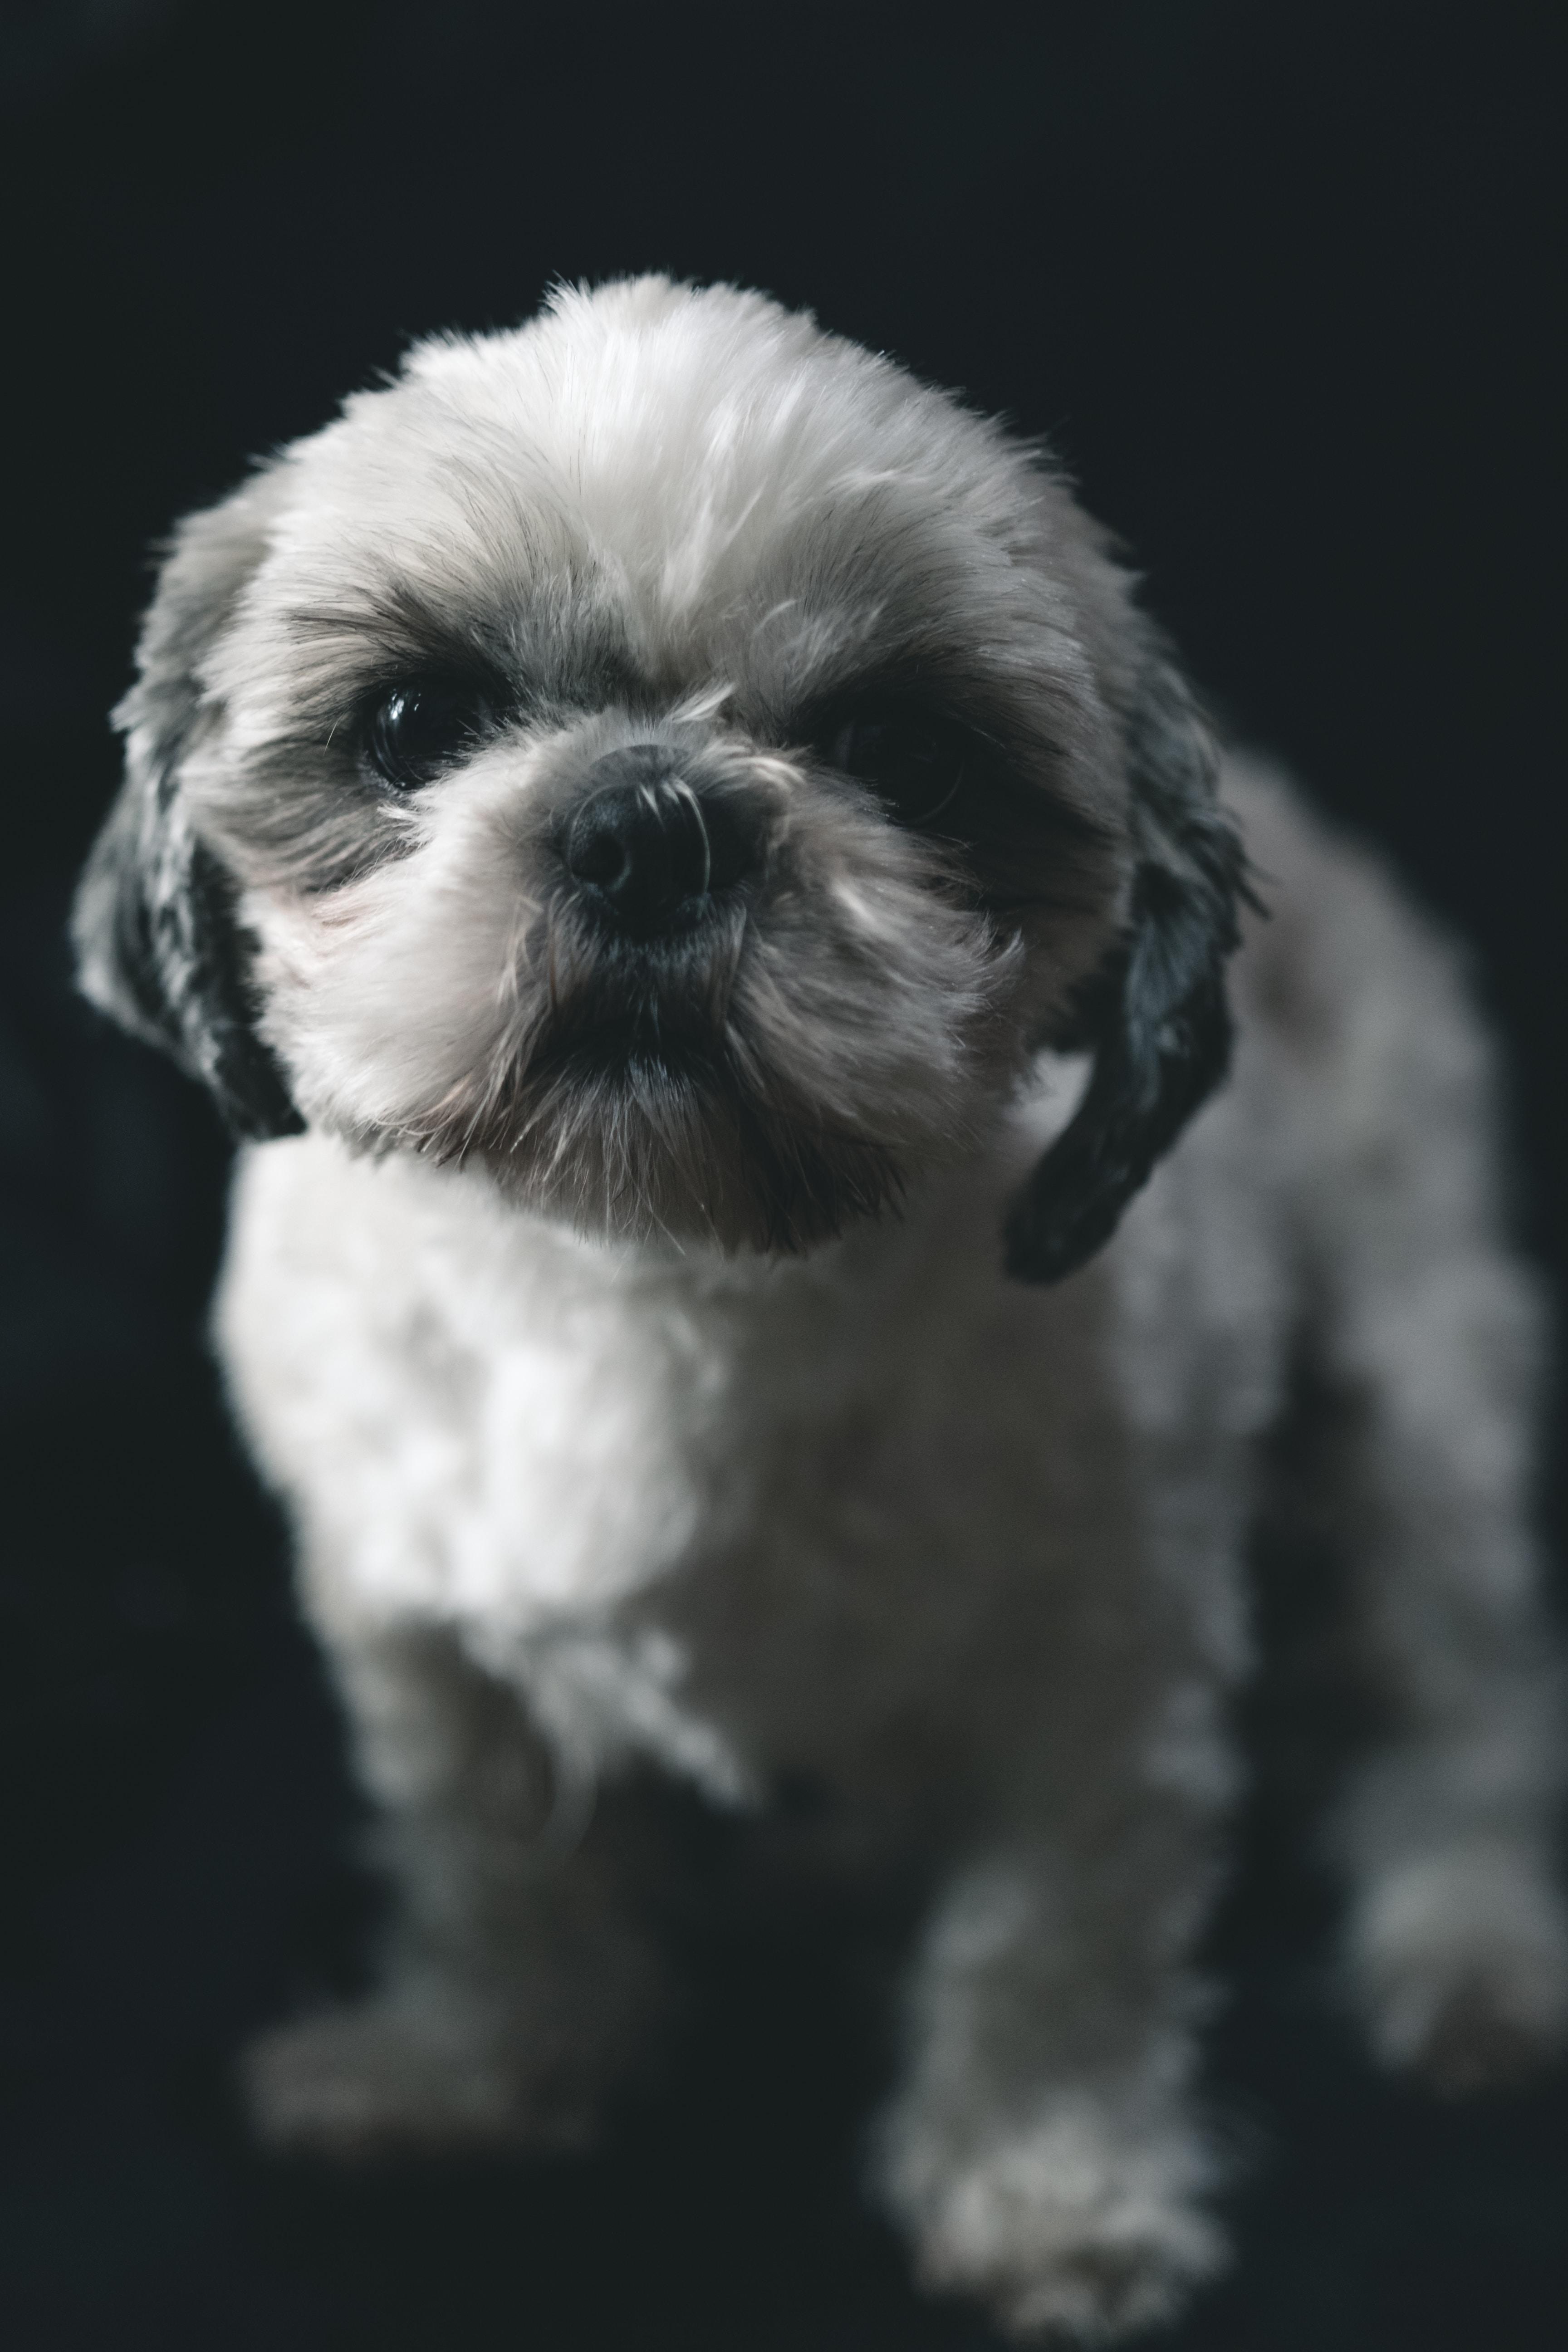 white and gray Shih Tzu puppy